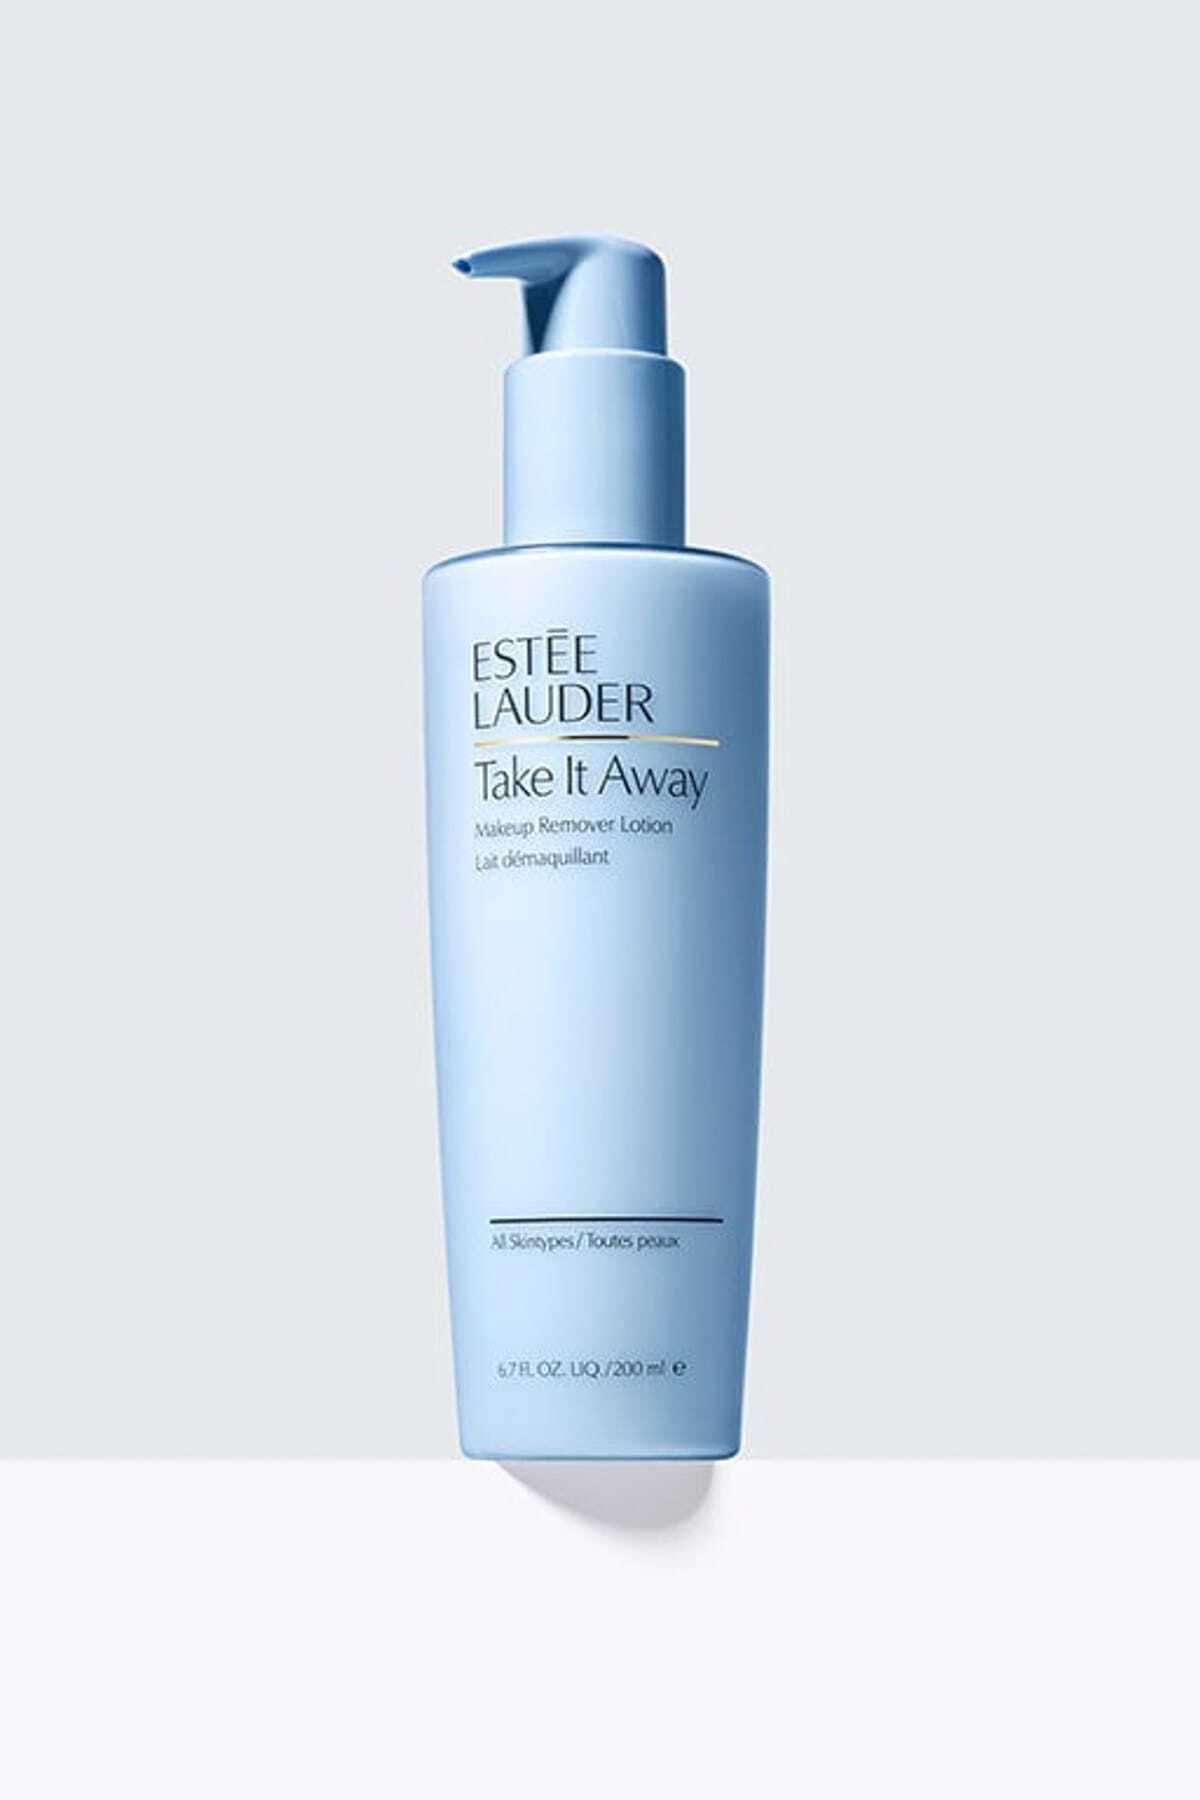 Estee Lauder Makyaj Temizleme Losyonu - Take It Away Makeup Remover Lotion 200 ml 027131988106 1